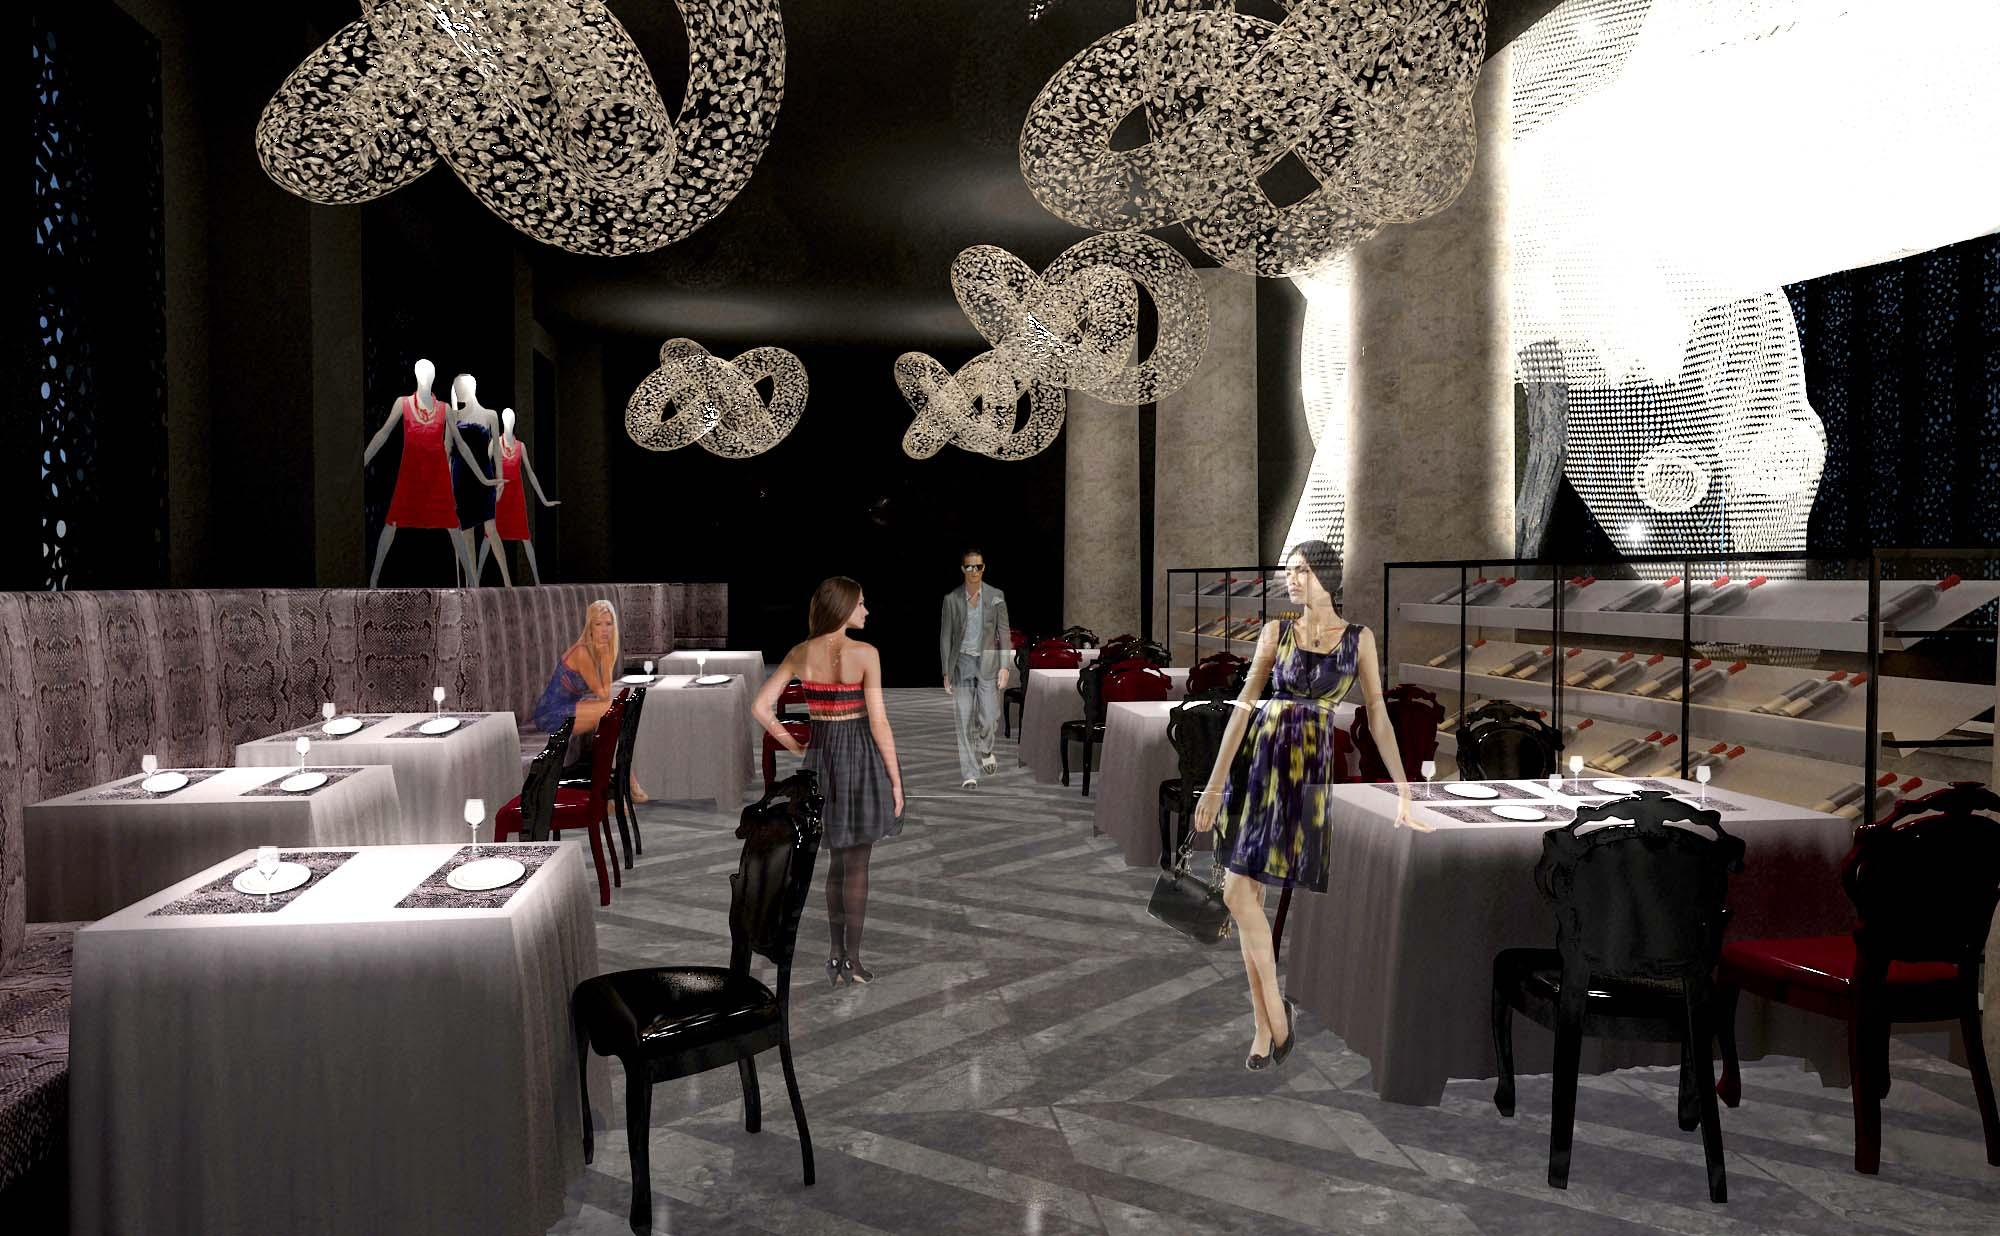 Stefano Tordiglione - stdesign - ST Design - architecture - interior - Casa C 2